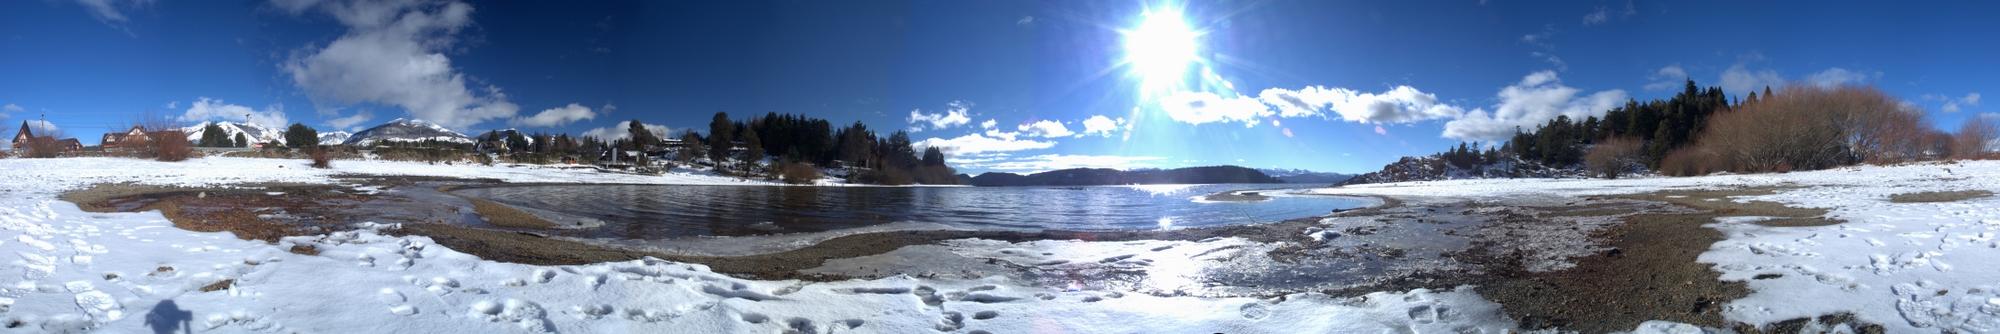 Lake nahuel huapi 360 by tgrq